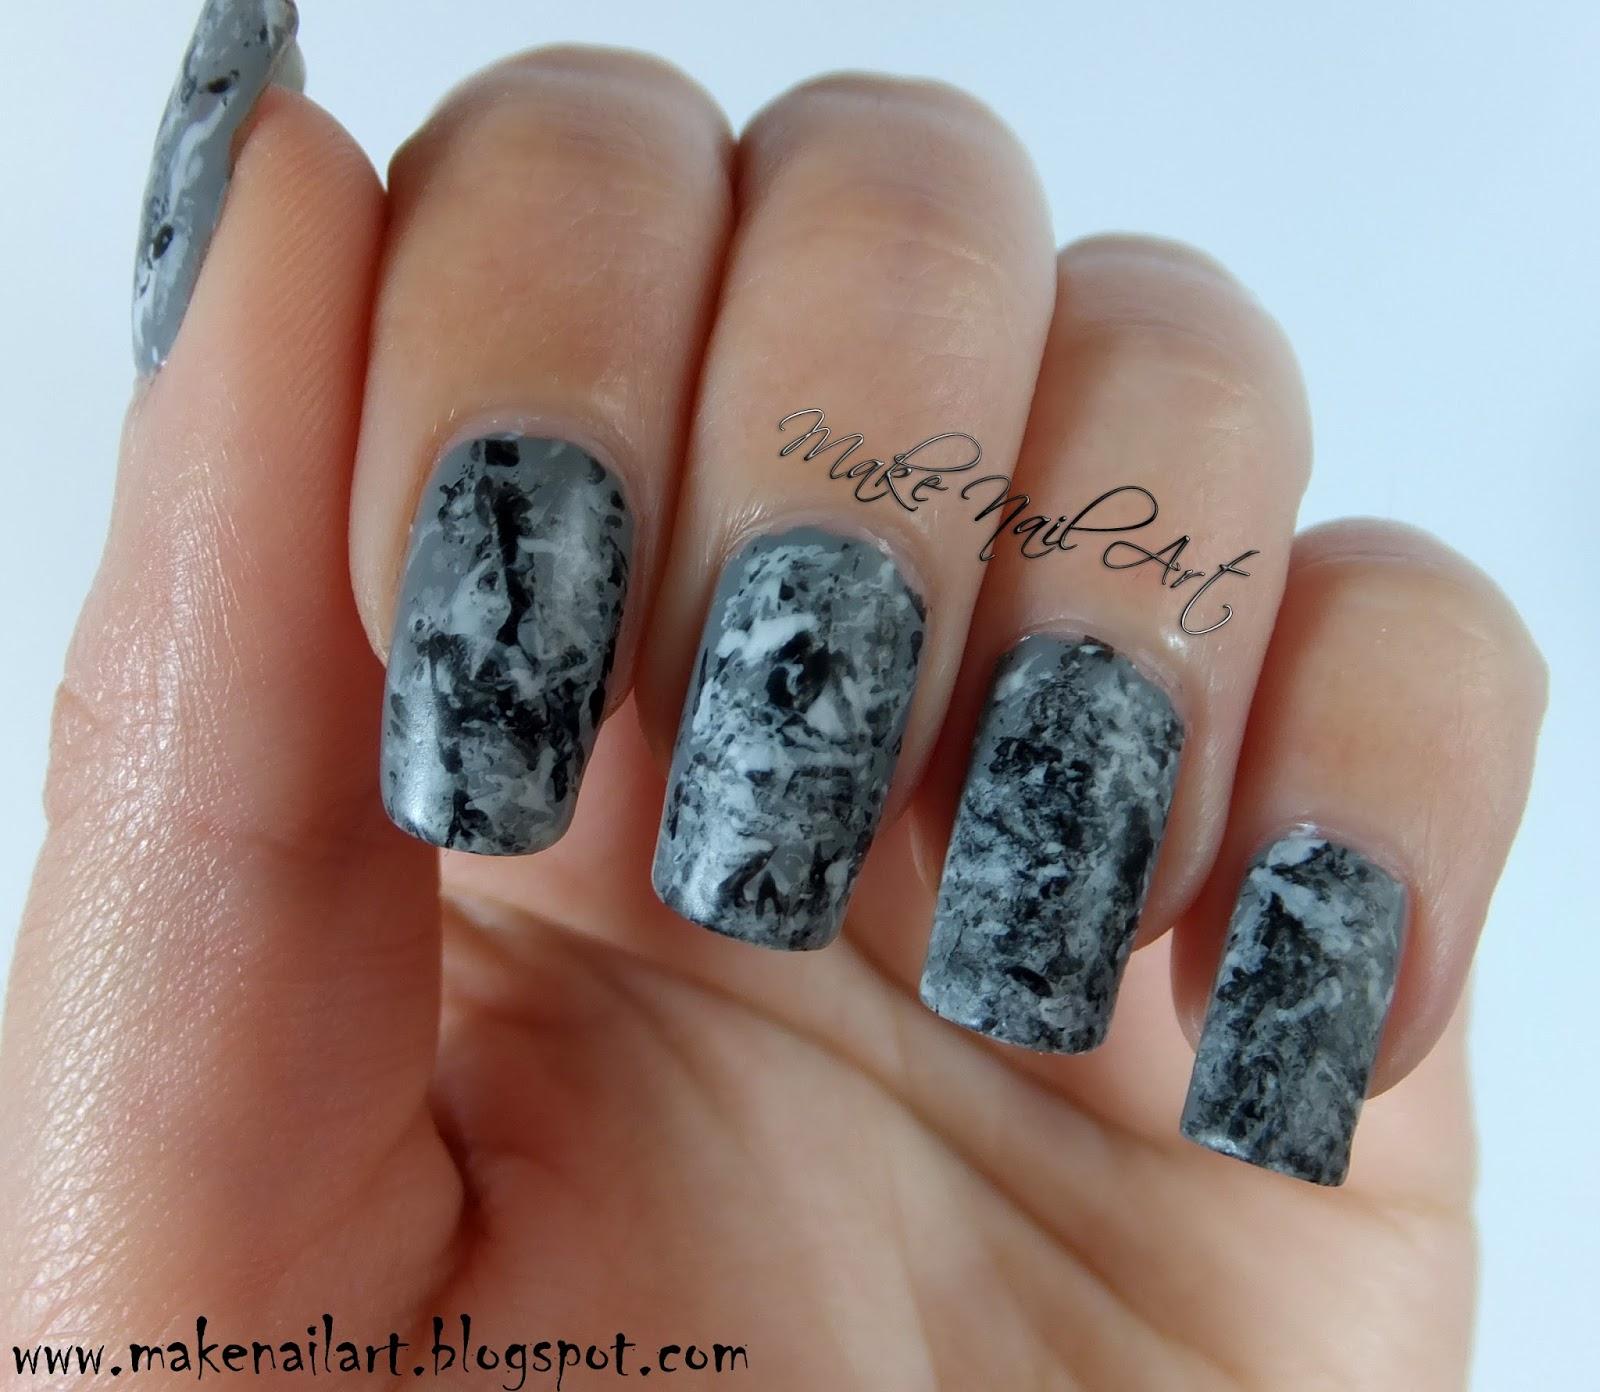 Make Nail Art: Stone Marble Nails Nail Art Tutorial